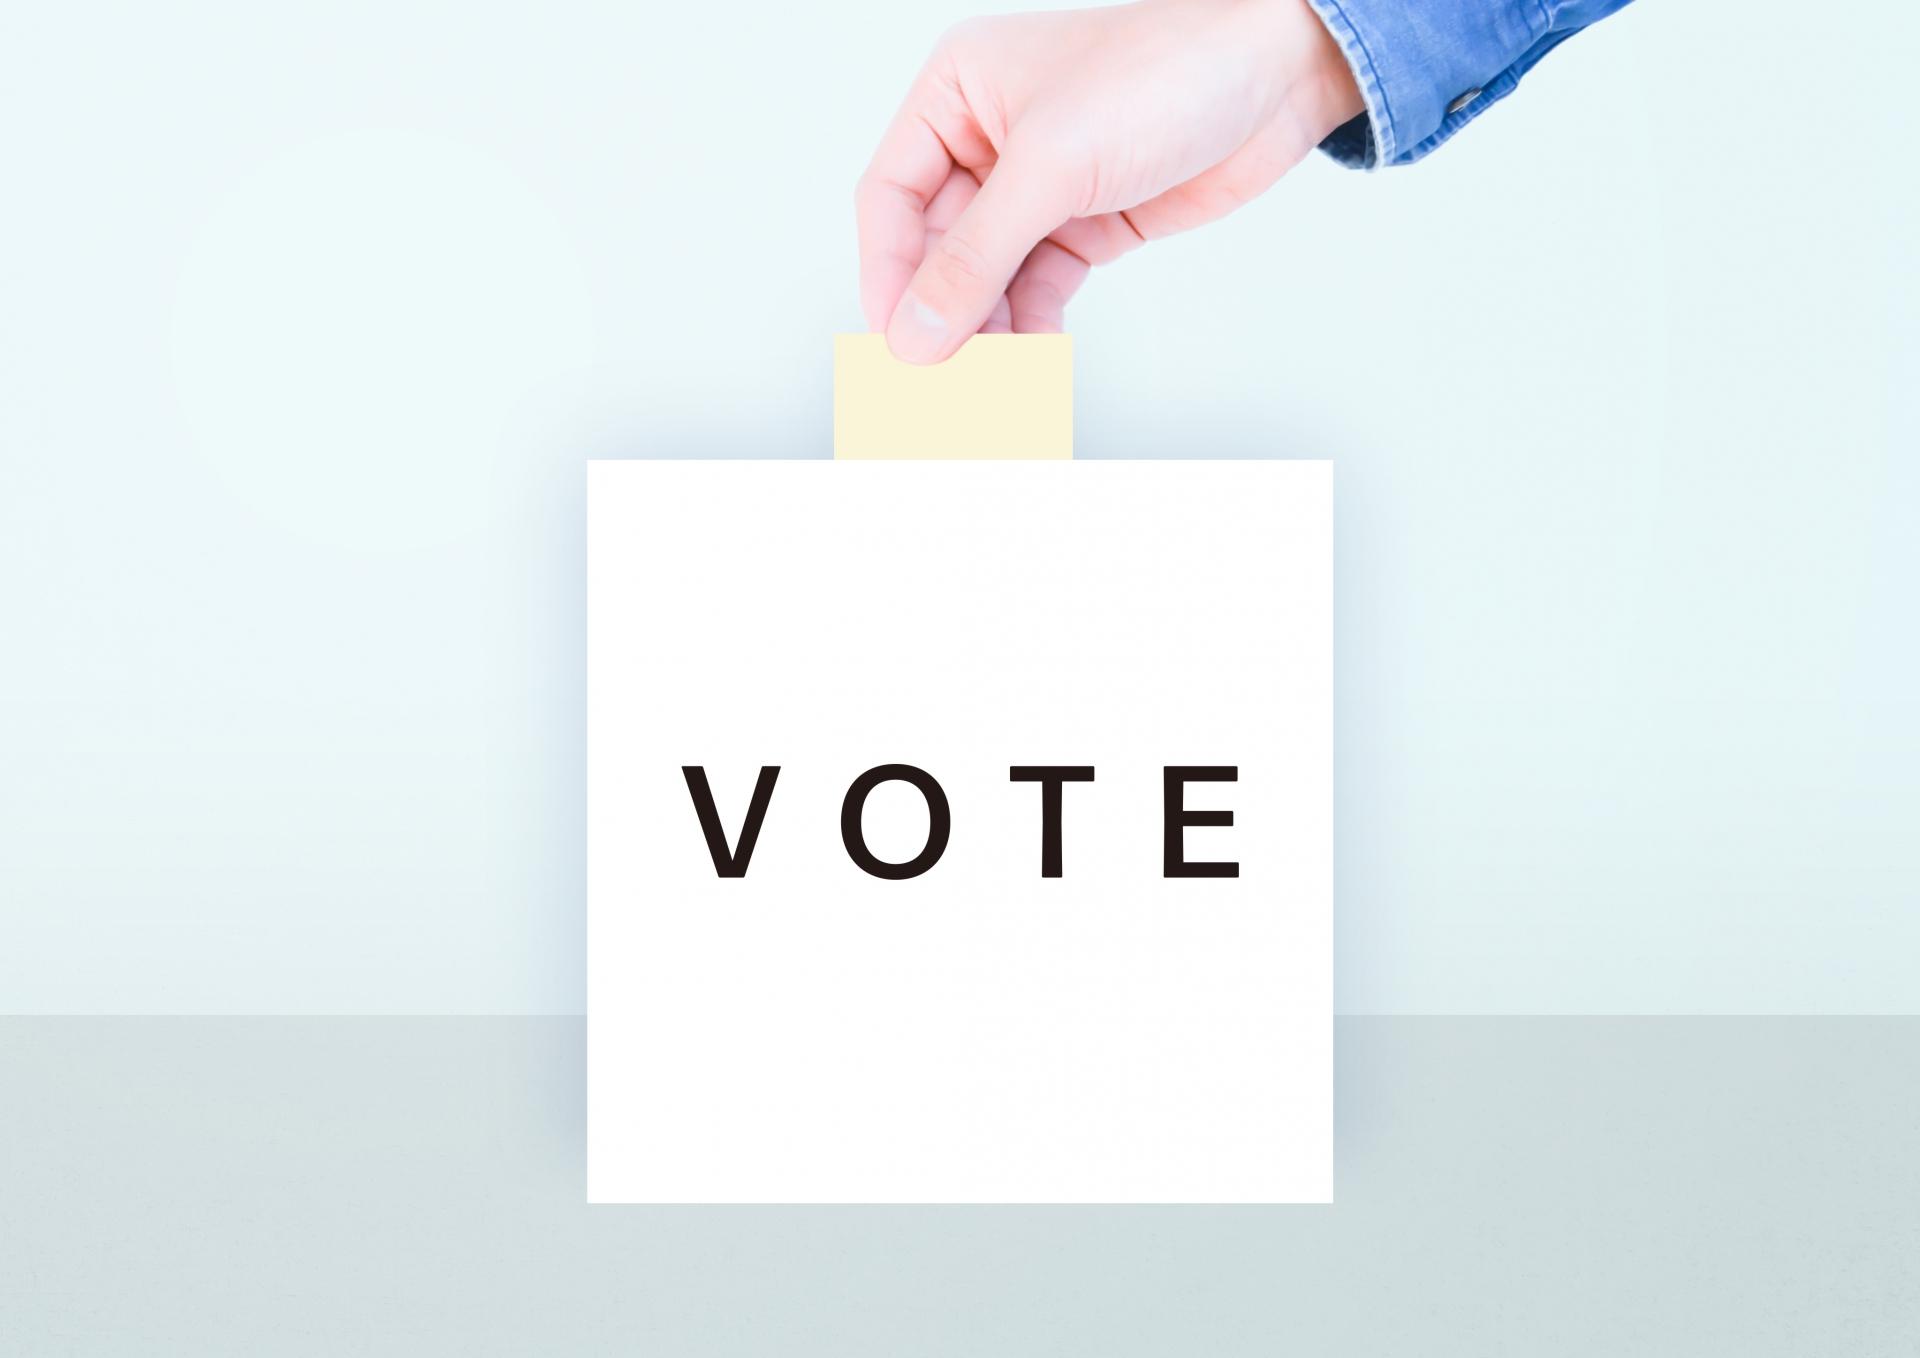 どうしたら選挙で政治家を正しく選べるの?